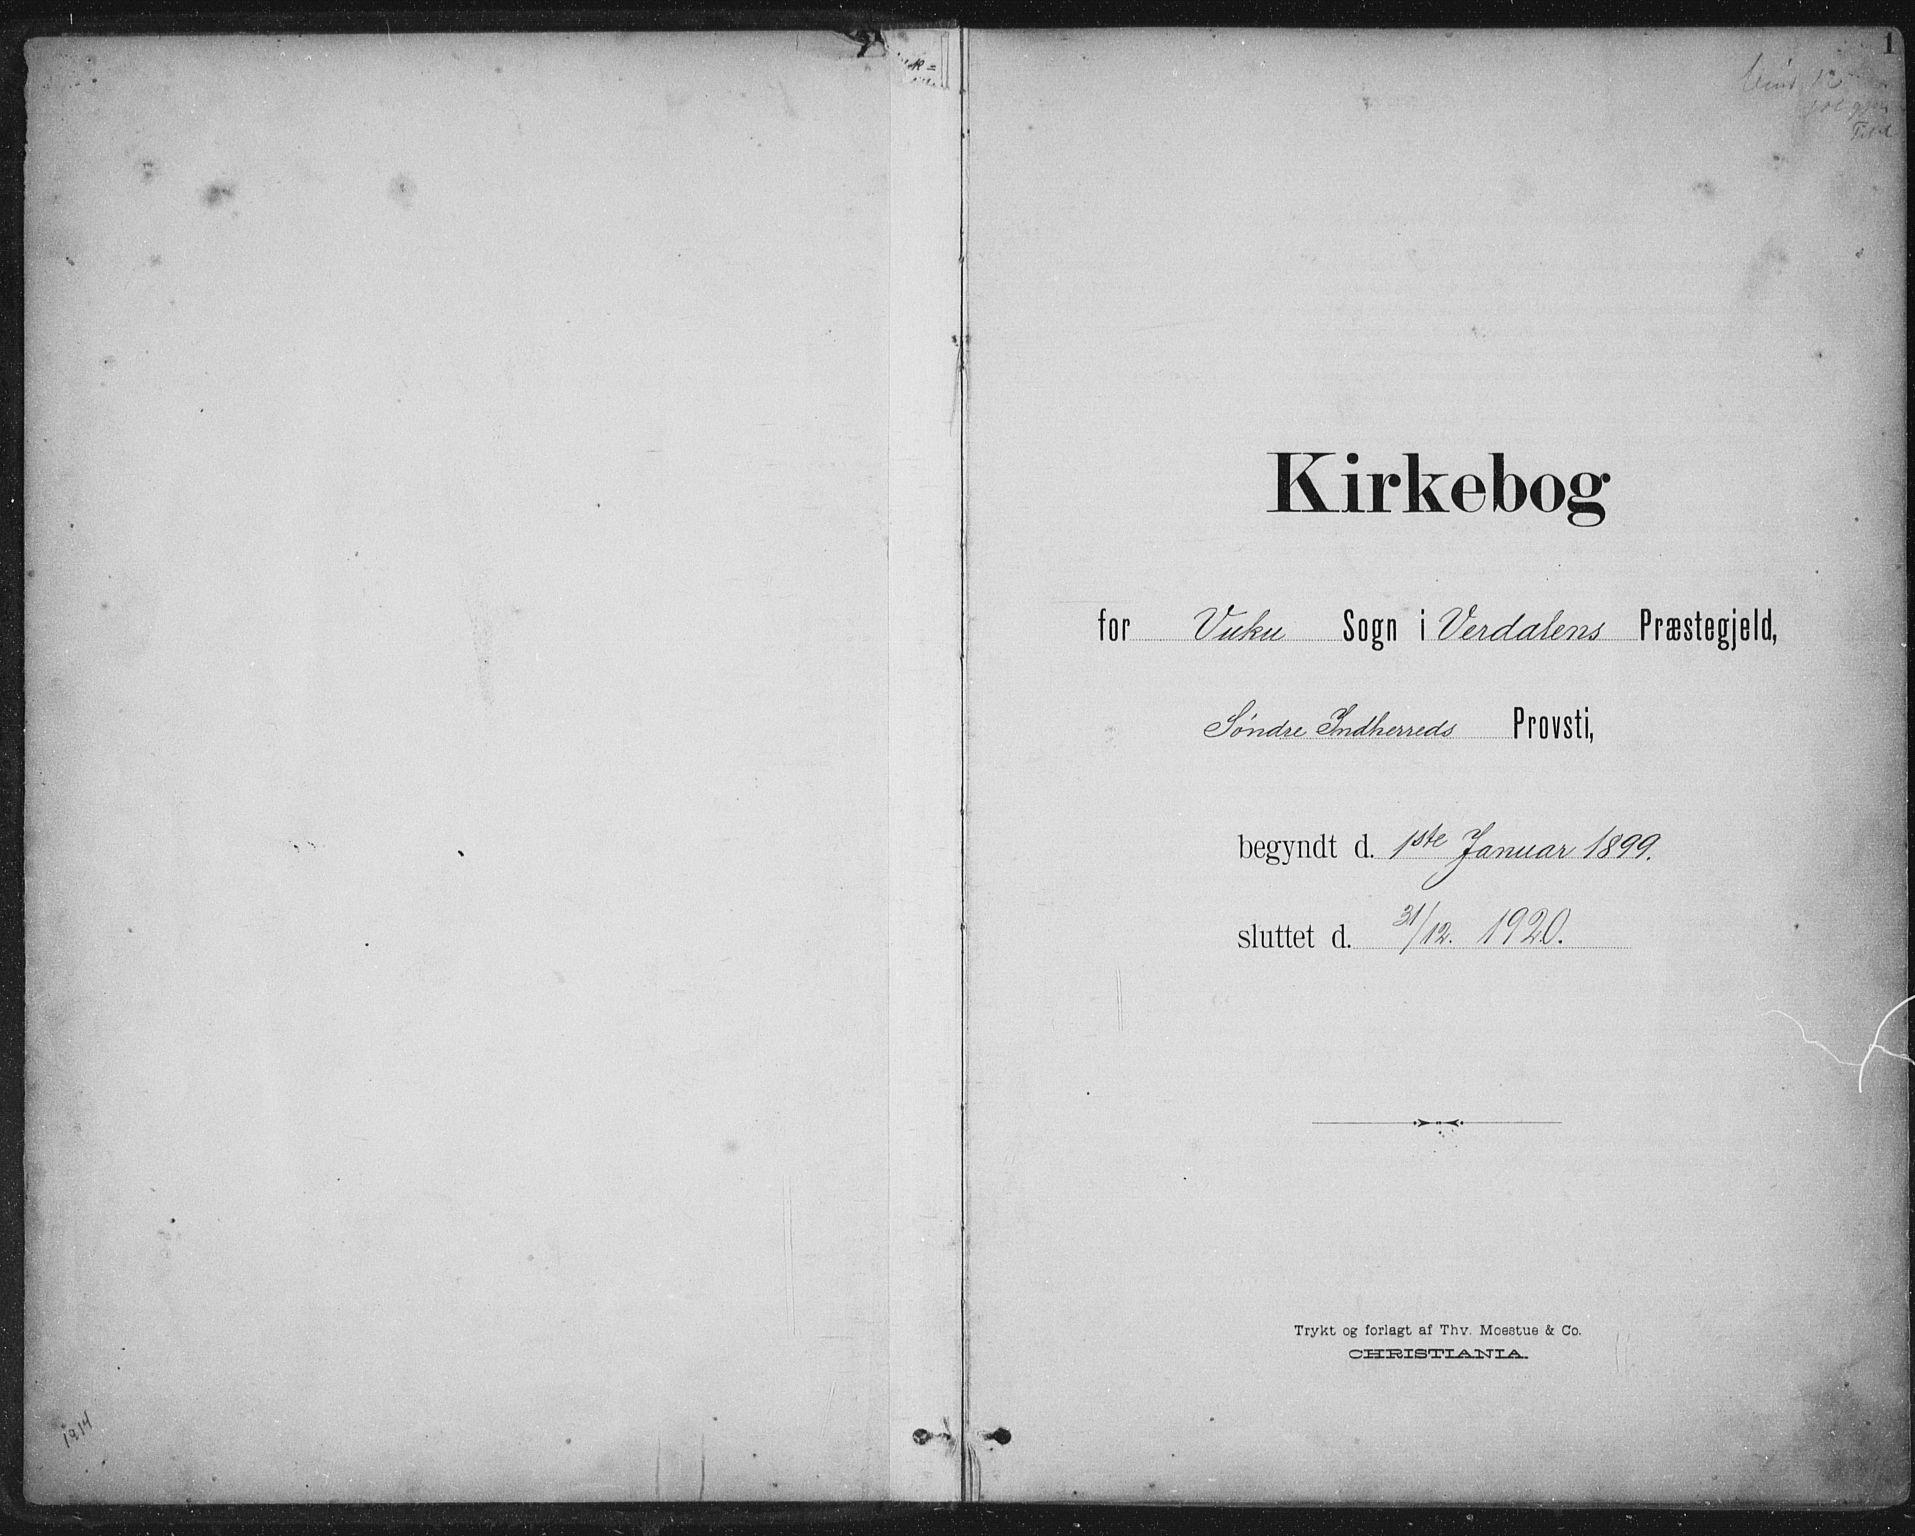 SAT, Ministerialprotokoller, klokkerbøker og fødselsregistre - Nord-Trøndelag, 724/L0269: Klokkerbok nr. 724C05, 1899-1920, s. 1